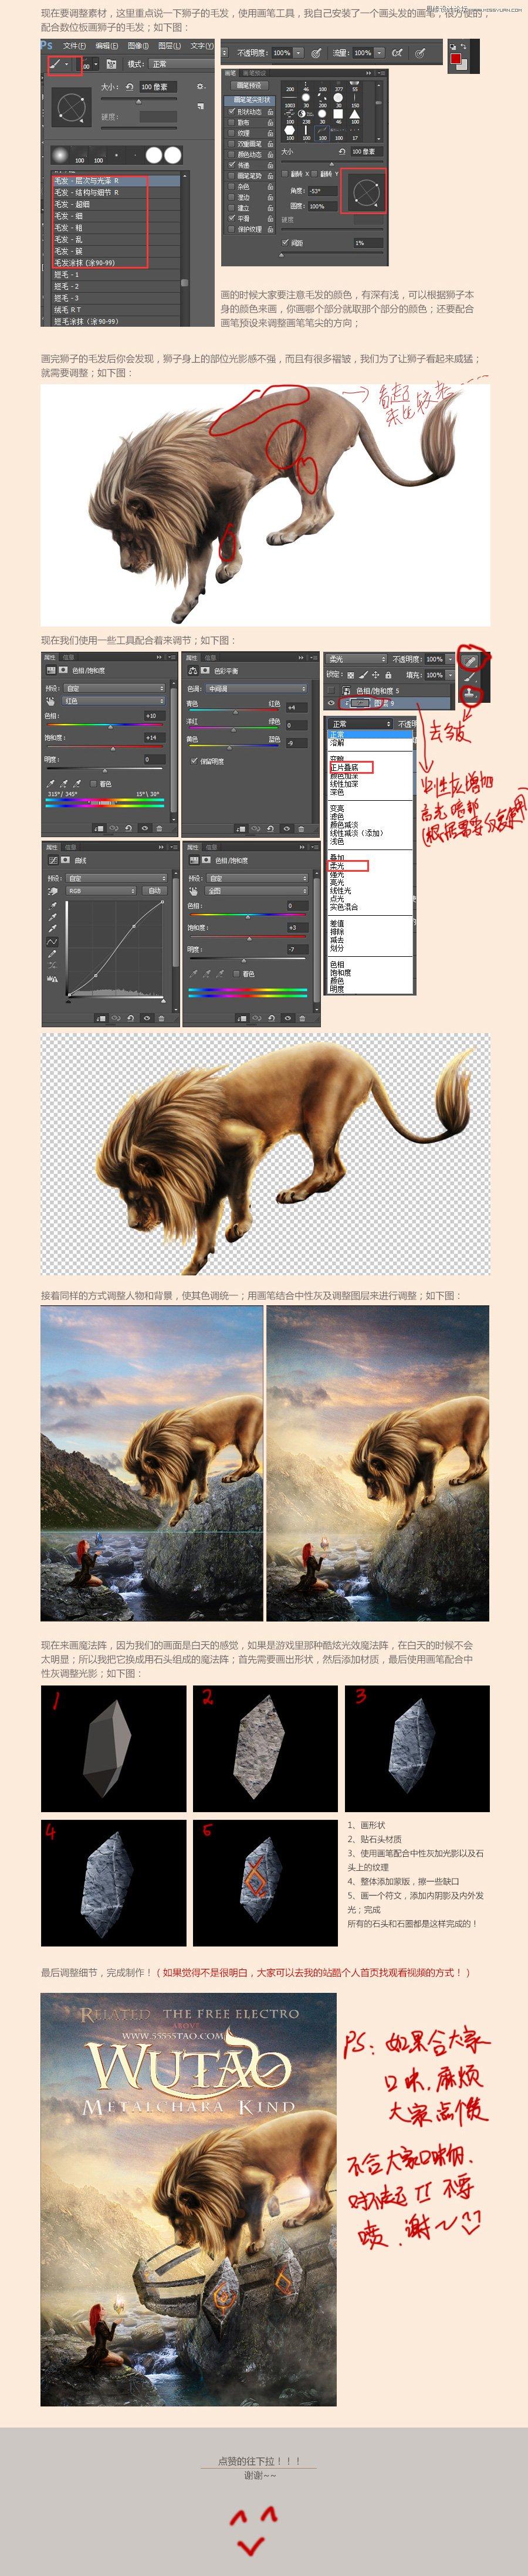 用Photoshop合成欧美魔幻风格的海报设计教程